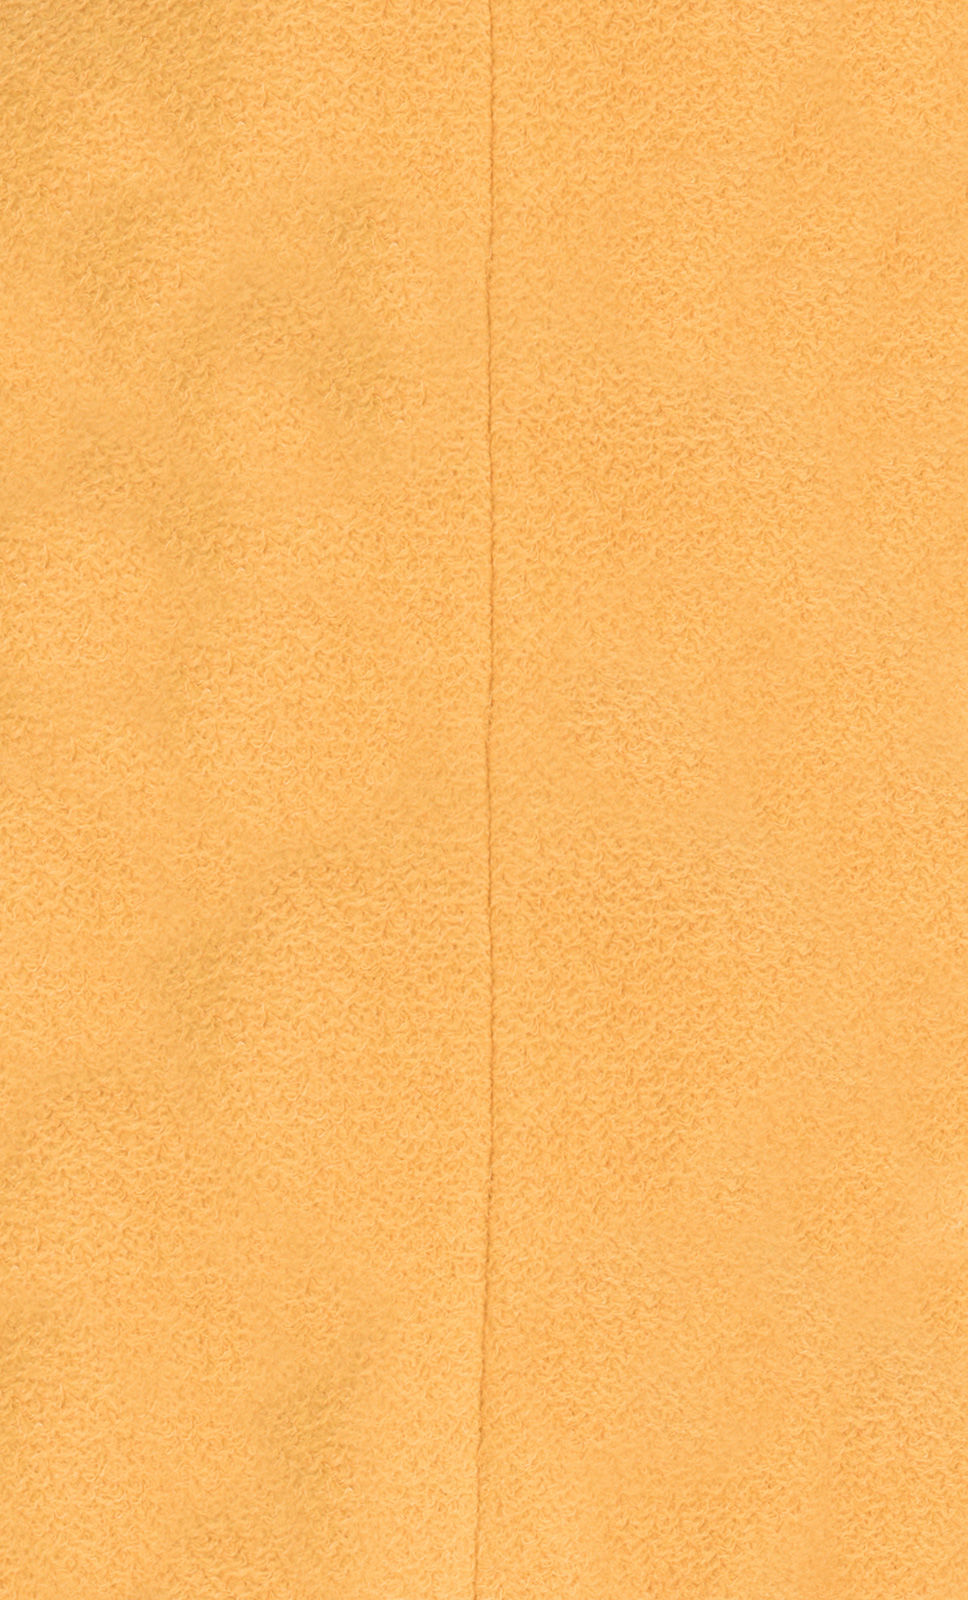 Veggie-Honey-Yellow